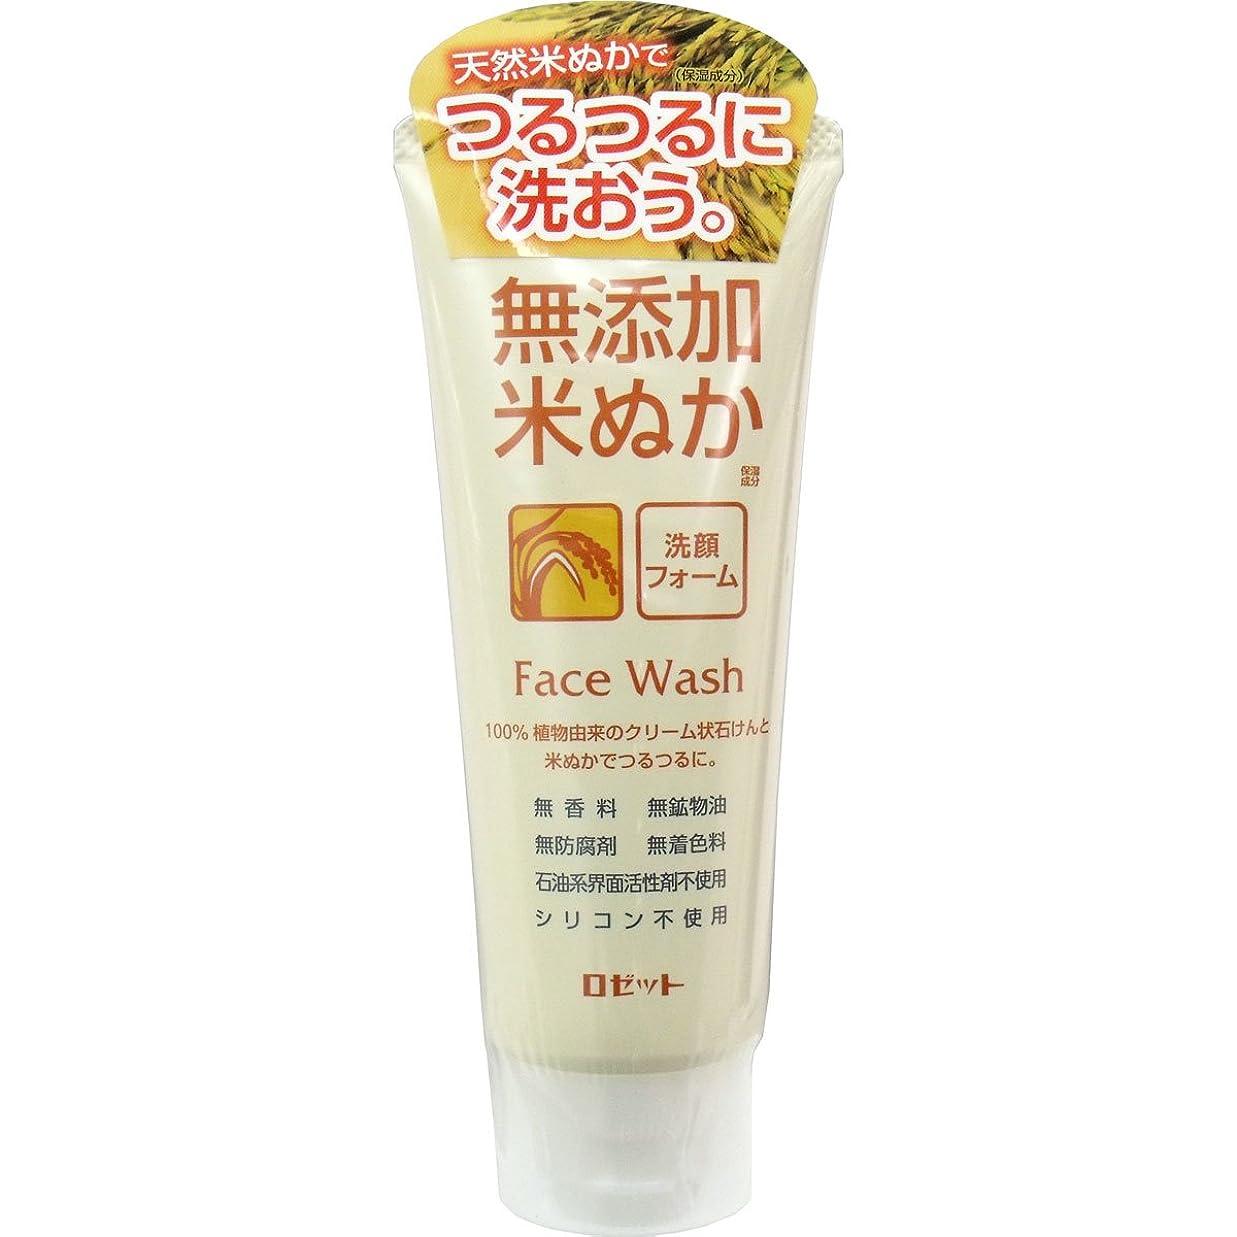 職人輸送ピニオン【ロゼット】無添加米ぬか洗顔フォーム 140g ×20個セット